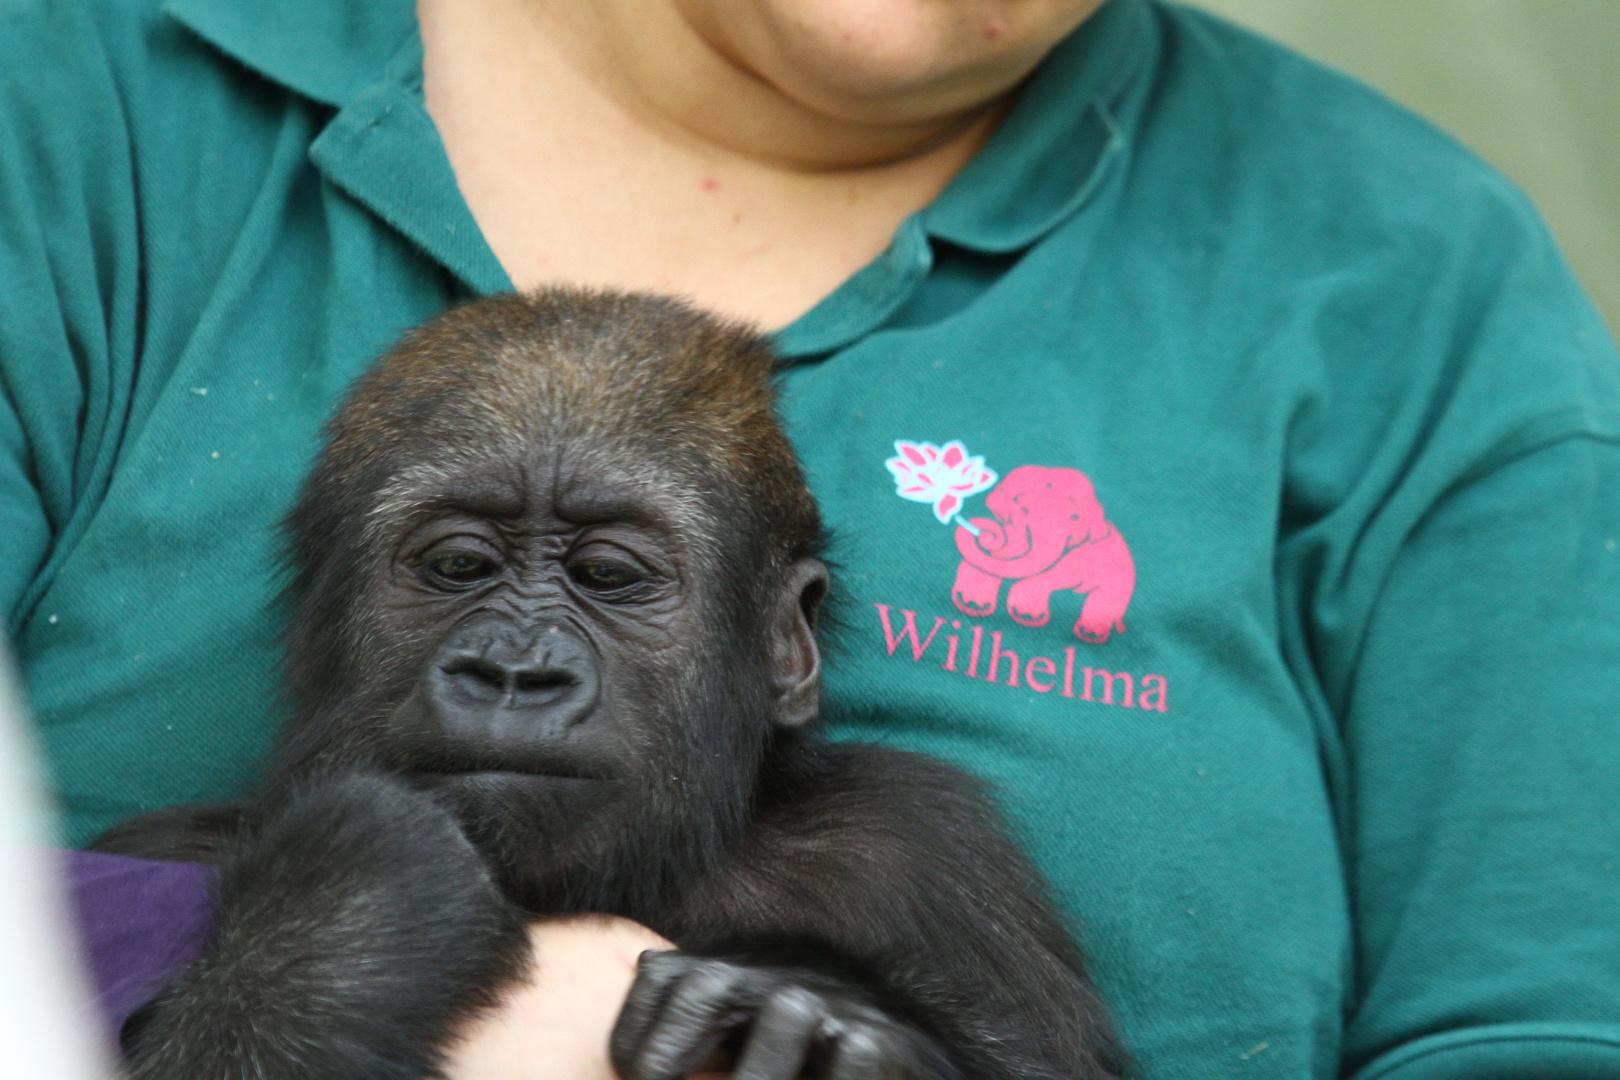 jung Gorilla.